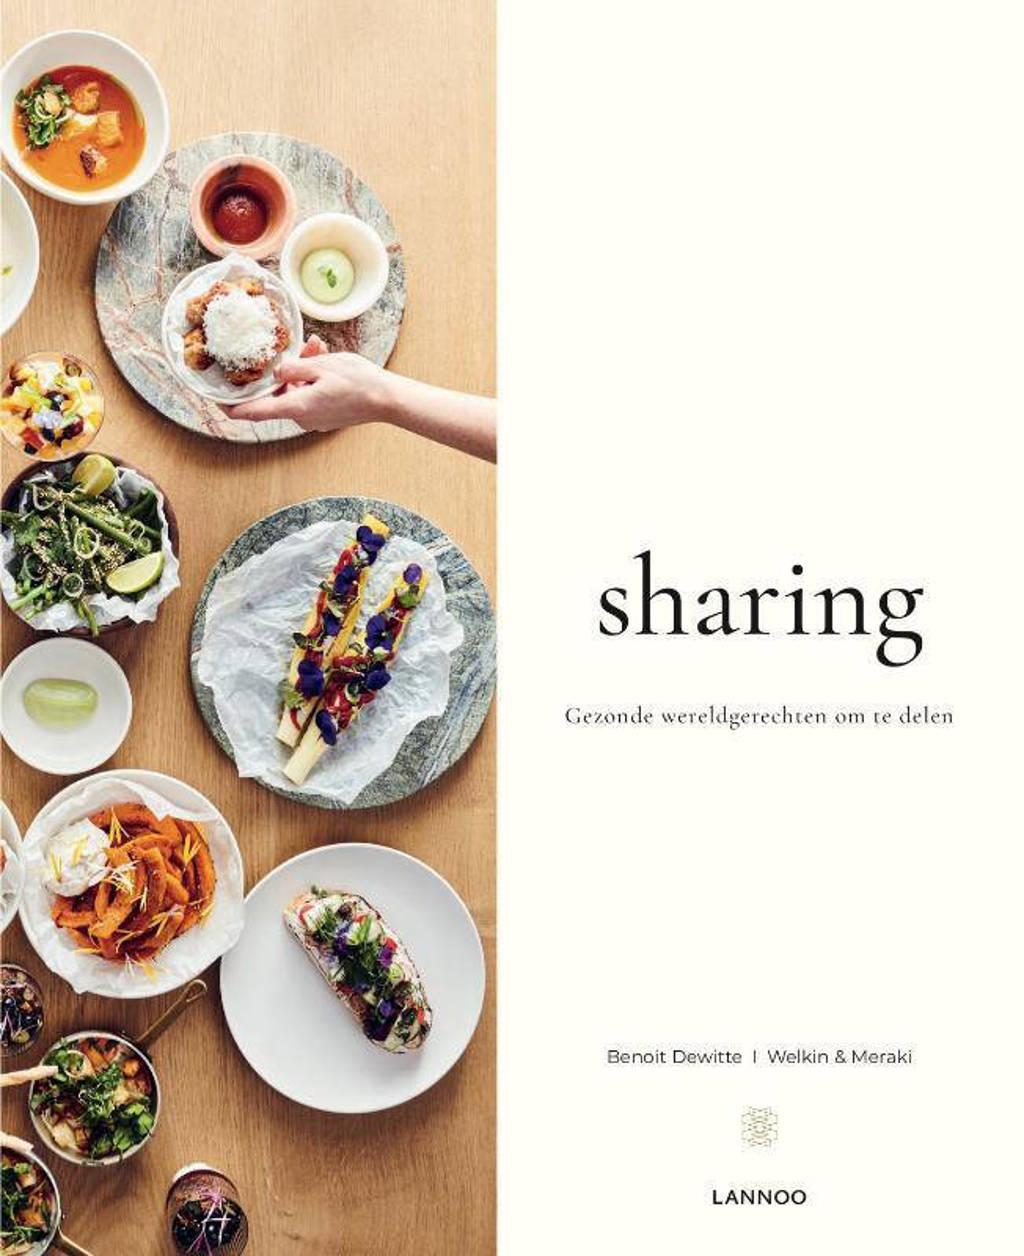 Sharing - Benoit Dewitte